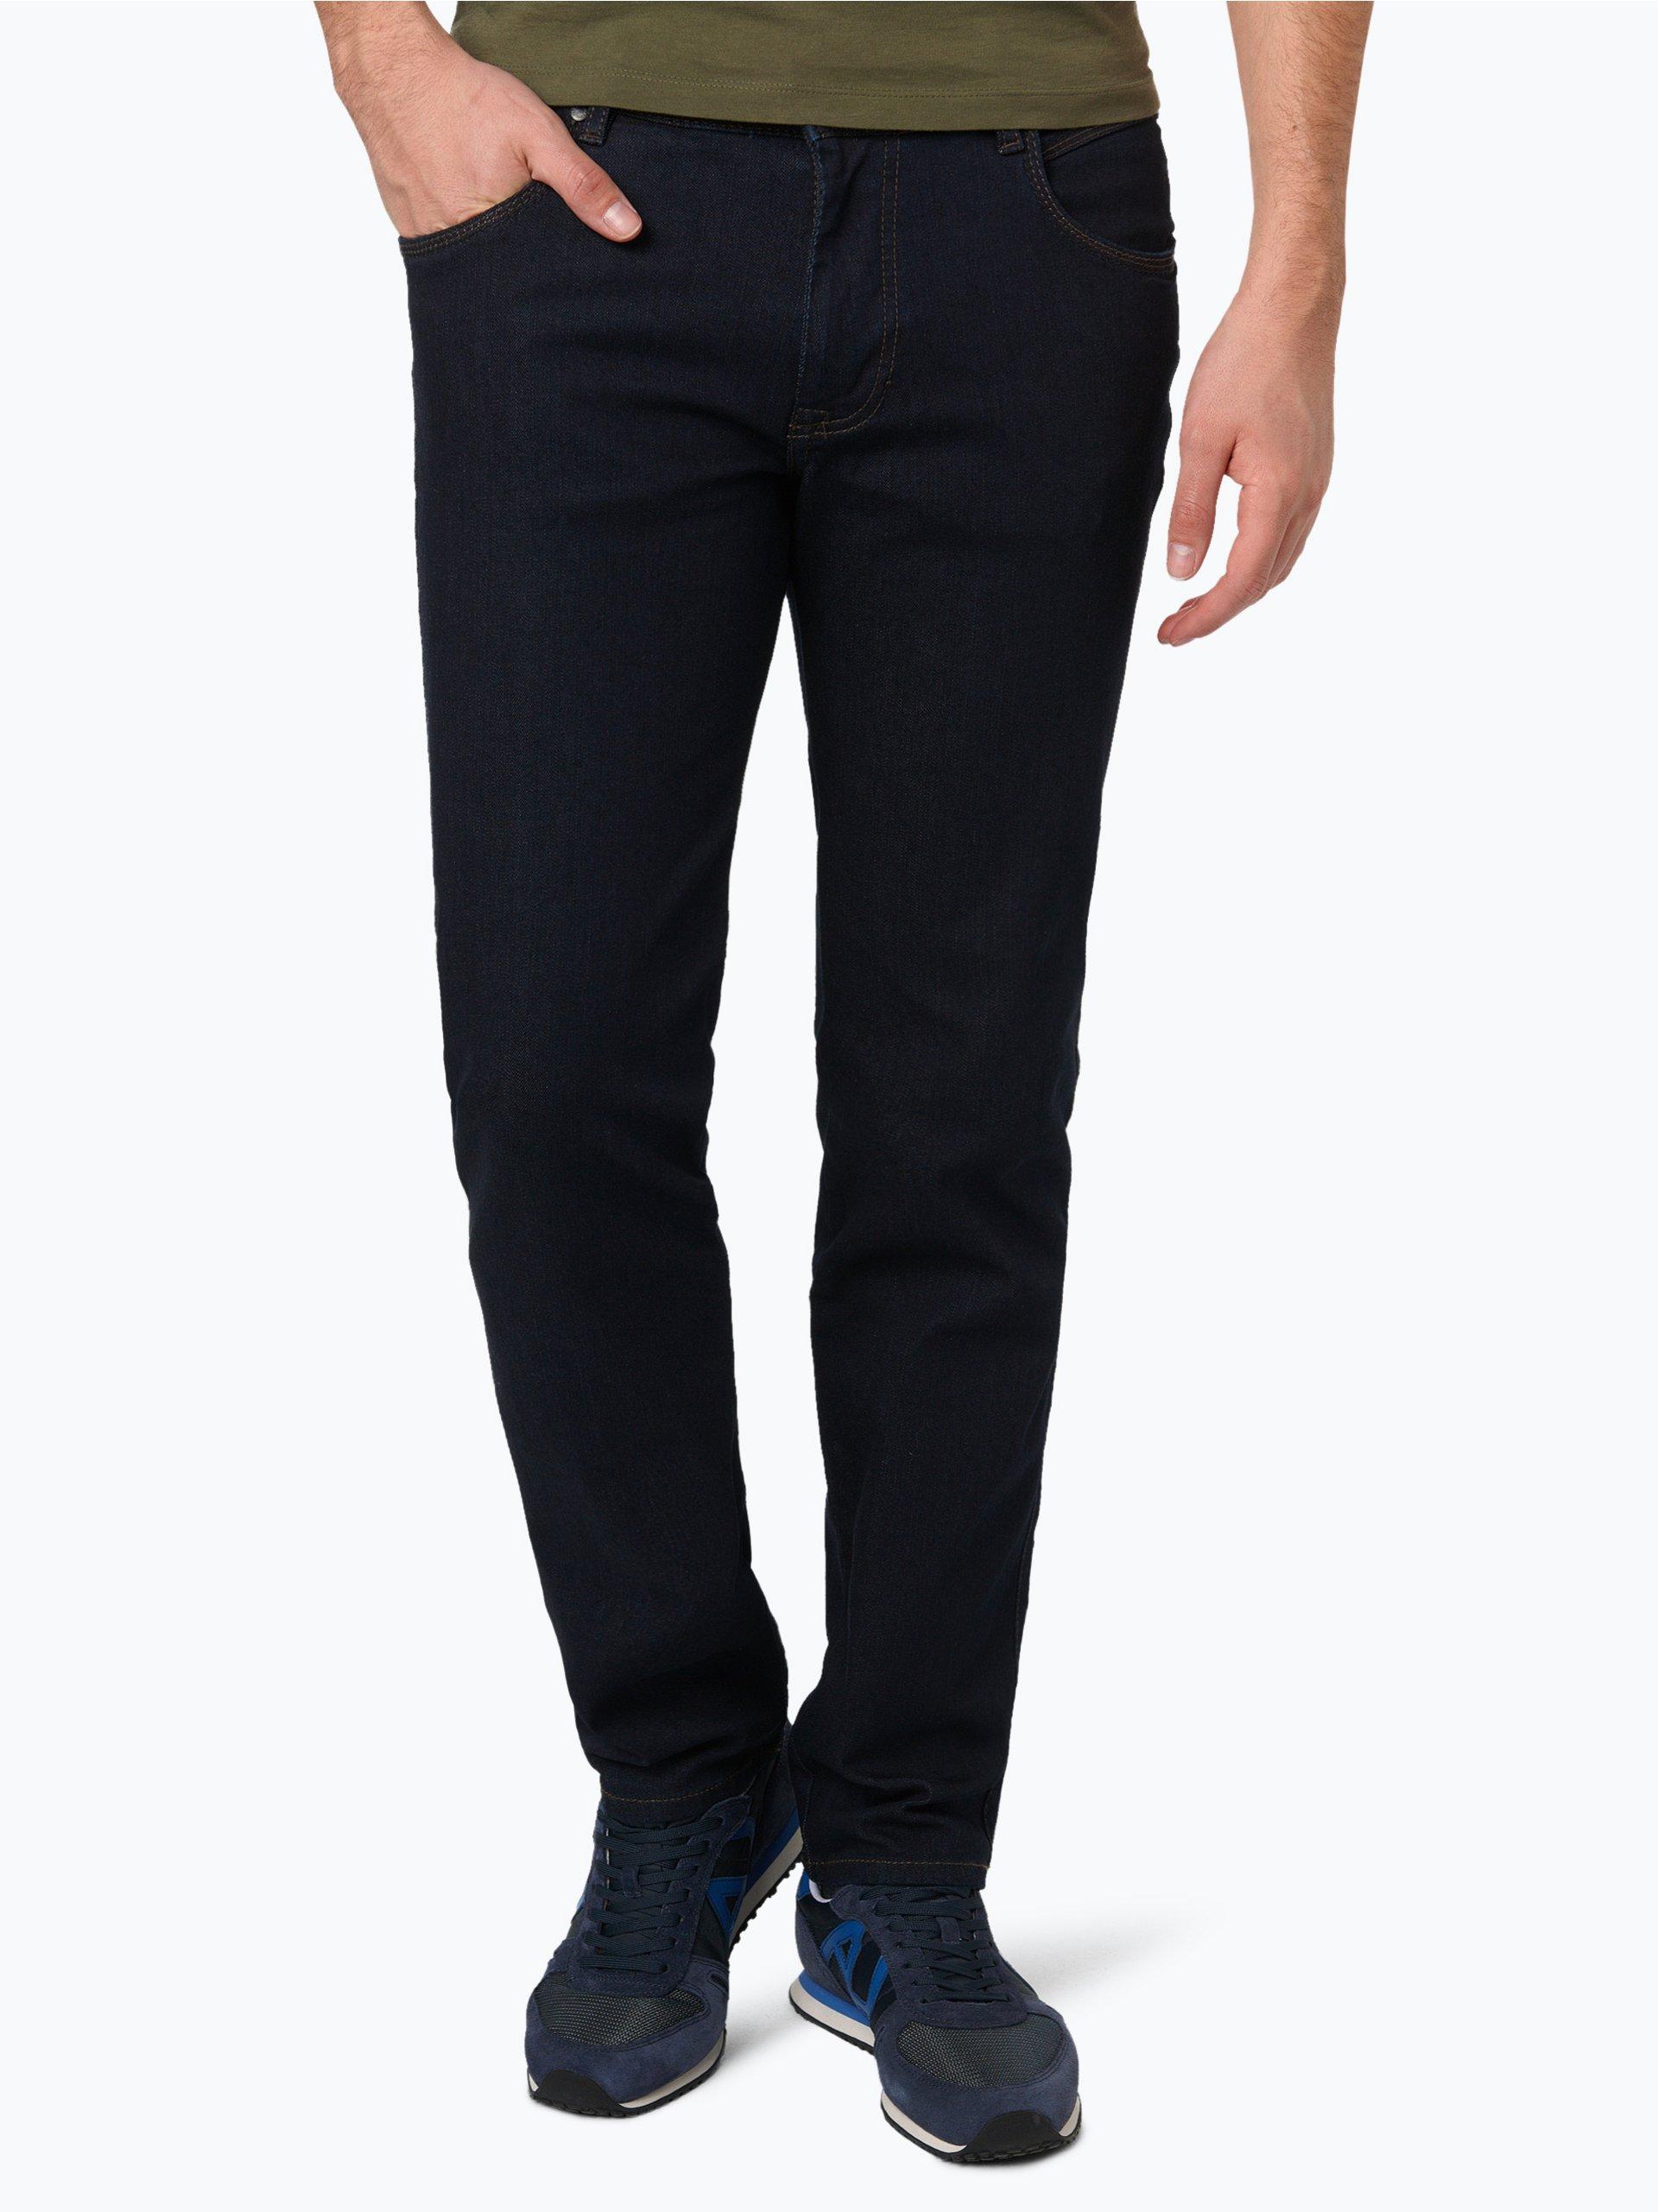 Bugatti Herren Jeans - Hannover